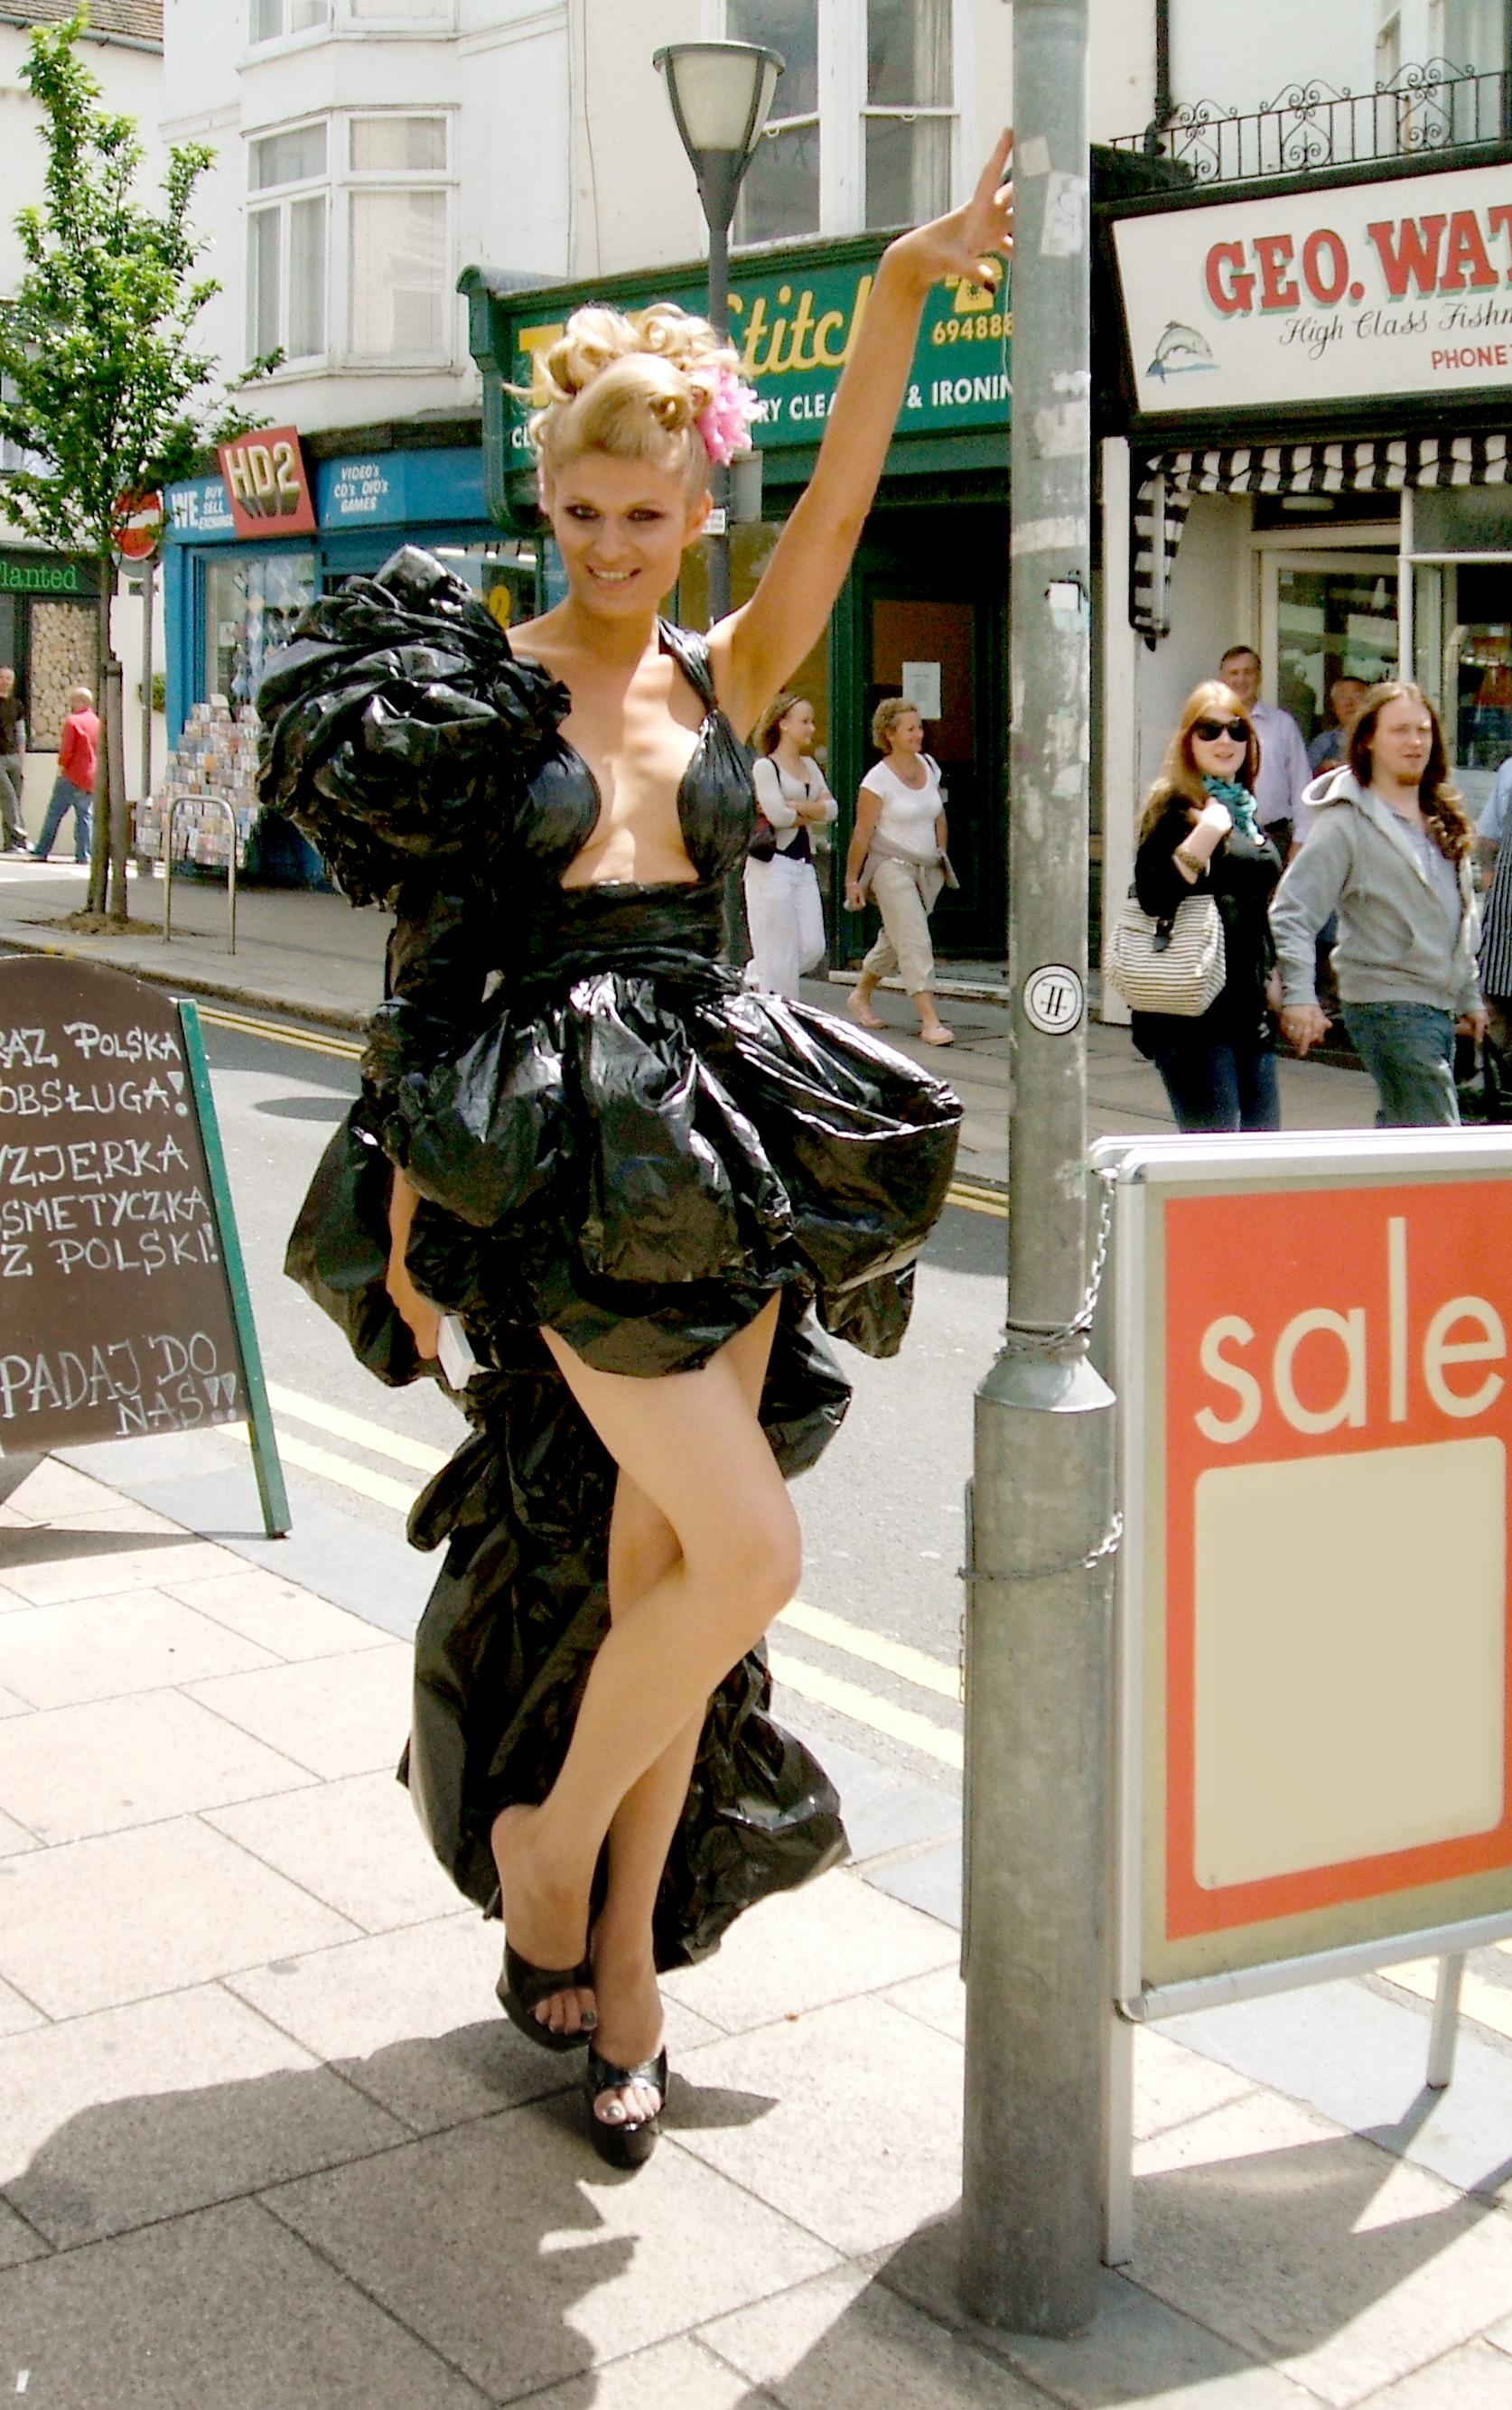 Image Result For A Bag Man